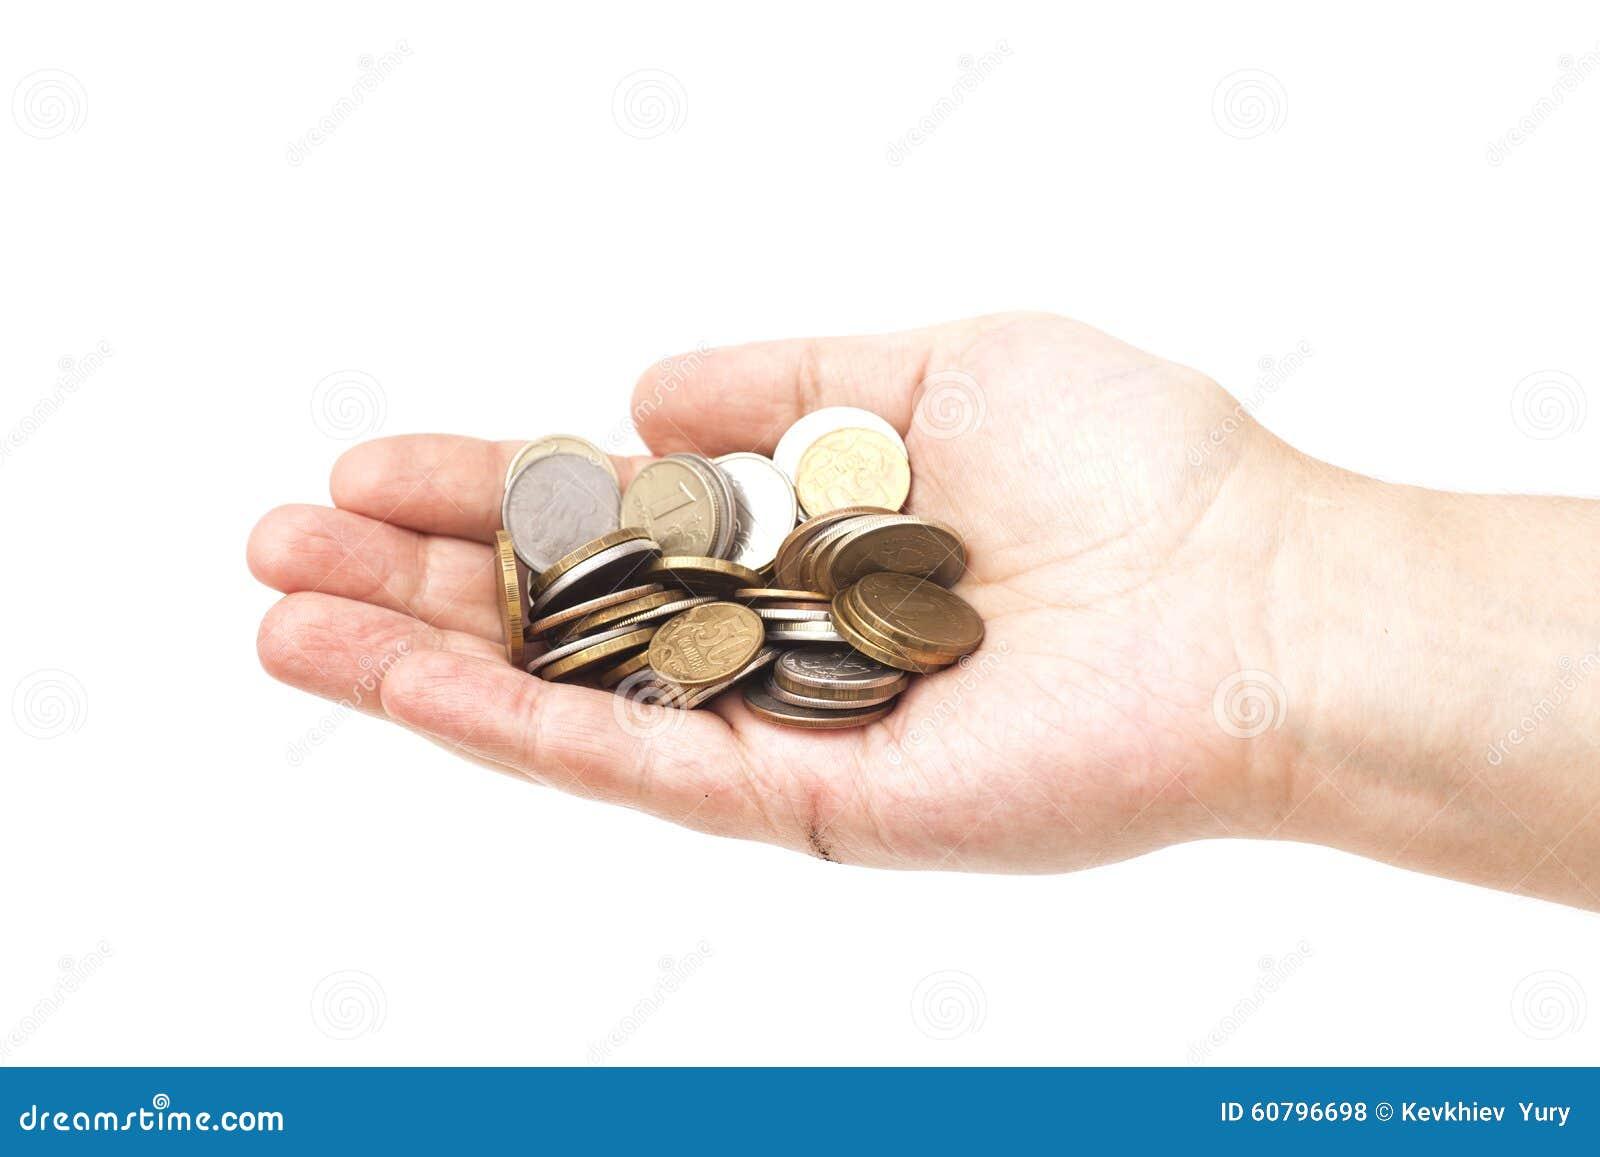 极少数硬币在棕榈手上